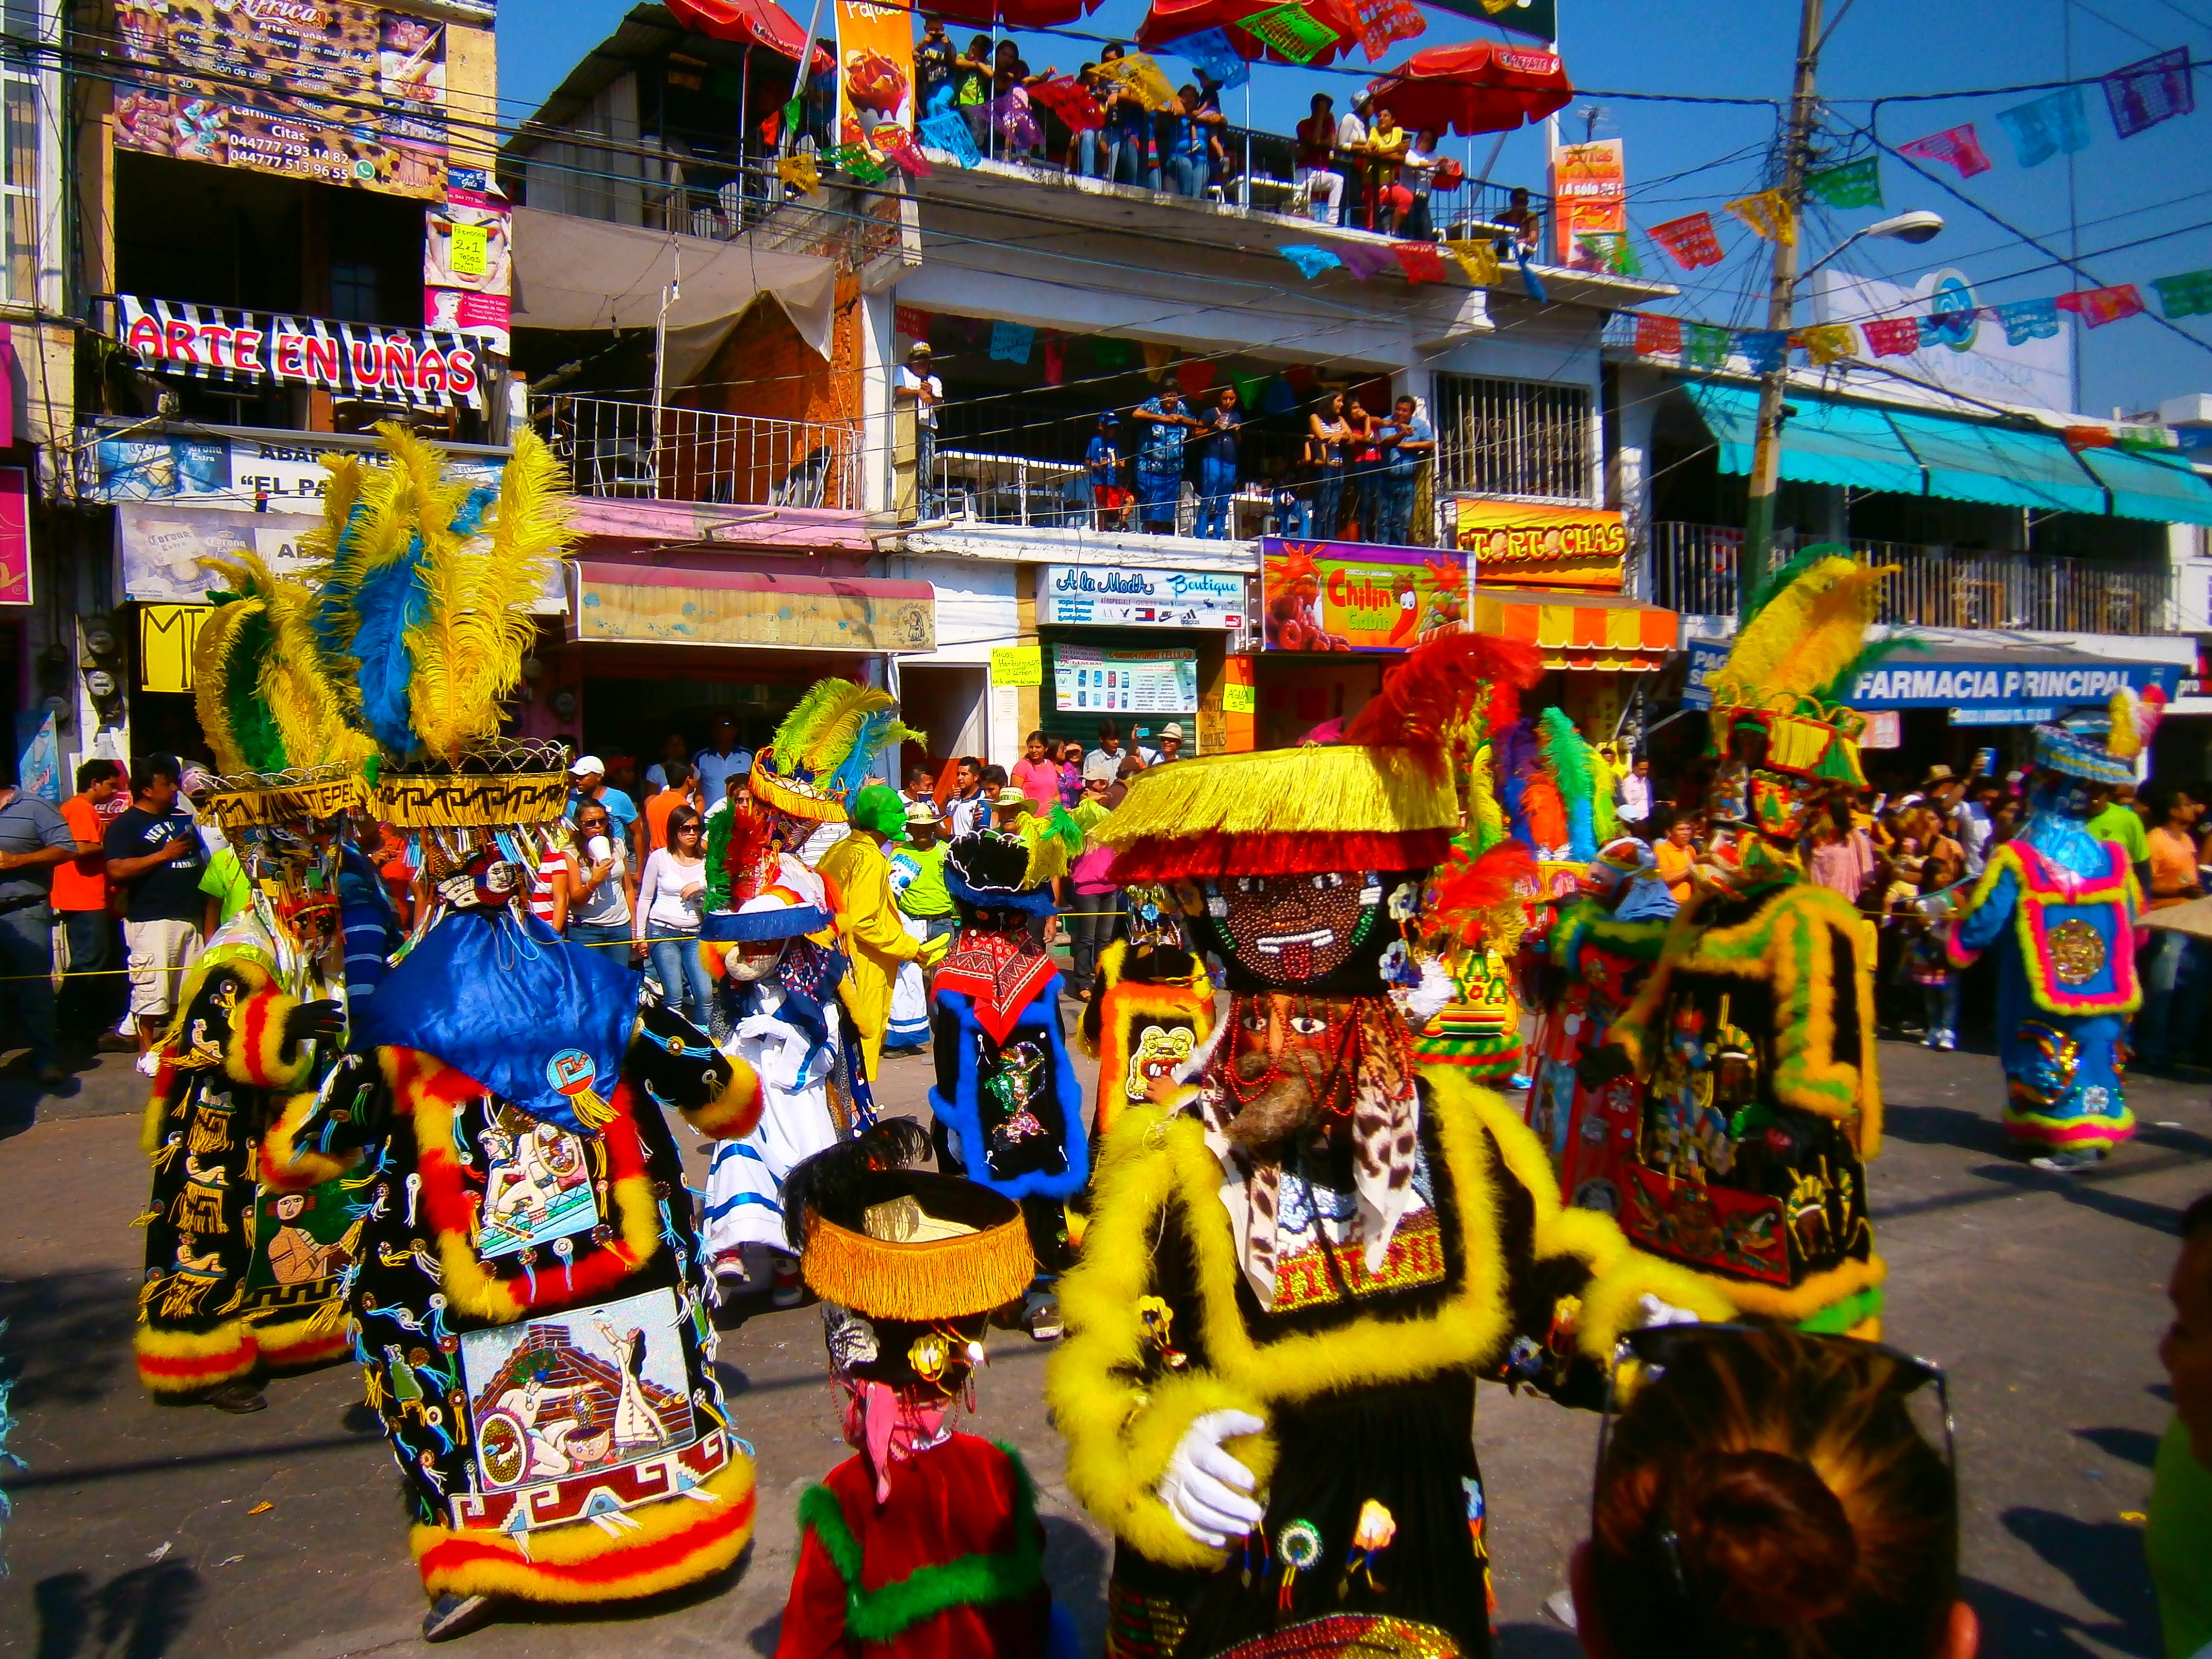 Diversas danzas y festivales se realizan durante el Carnaval de Tepoztlán